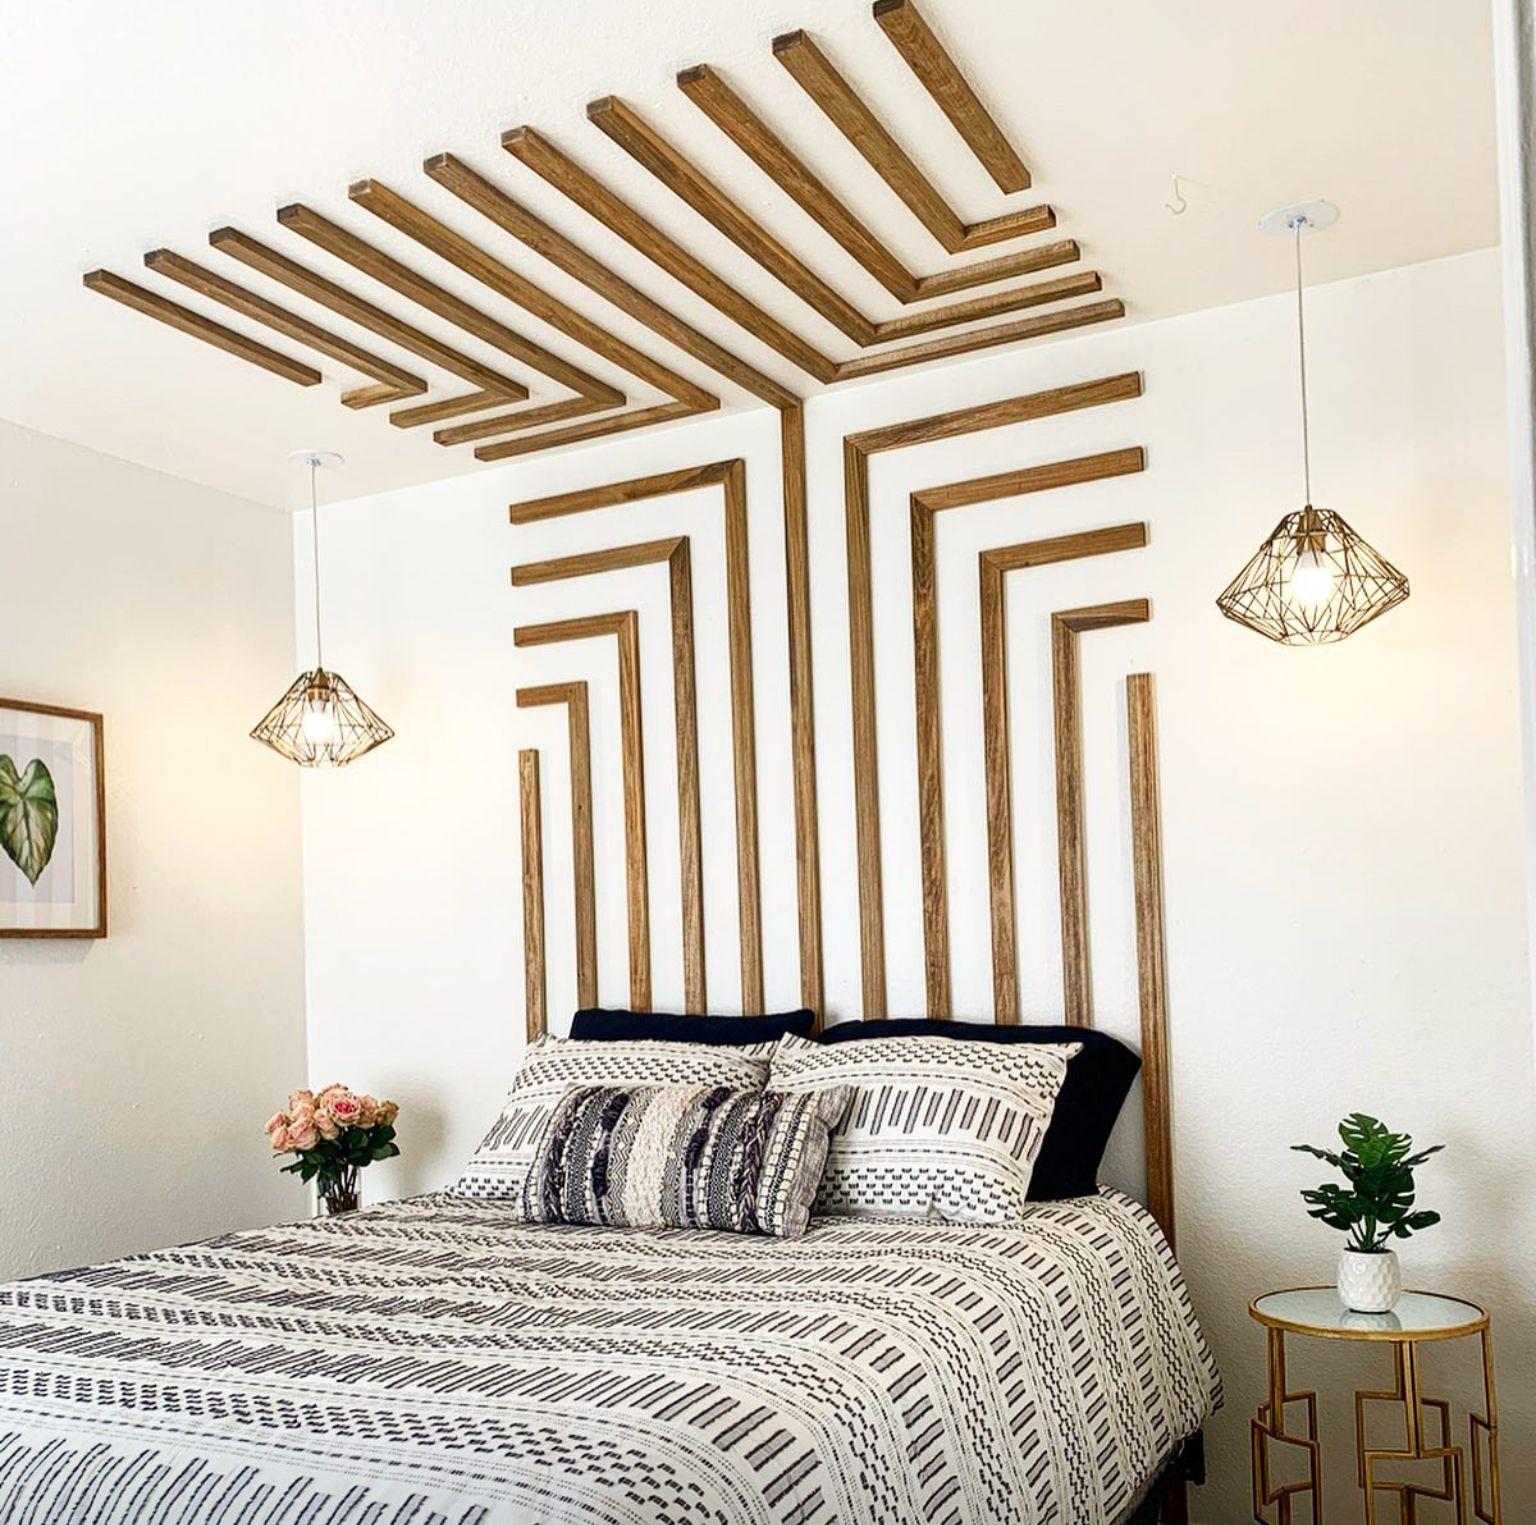 Pin By Bianca Grogan On Bedrooms Home Room Design Bedroom Decor Bedroom Interior